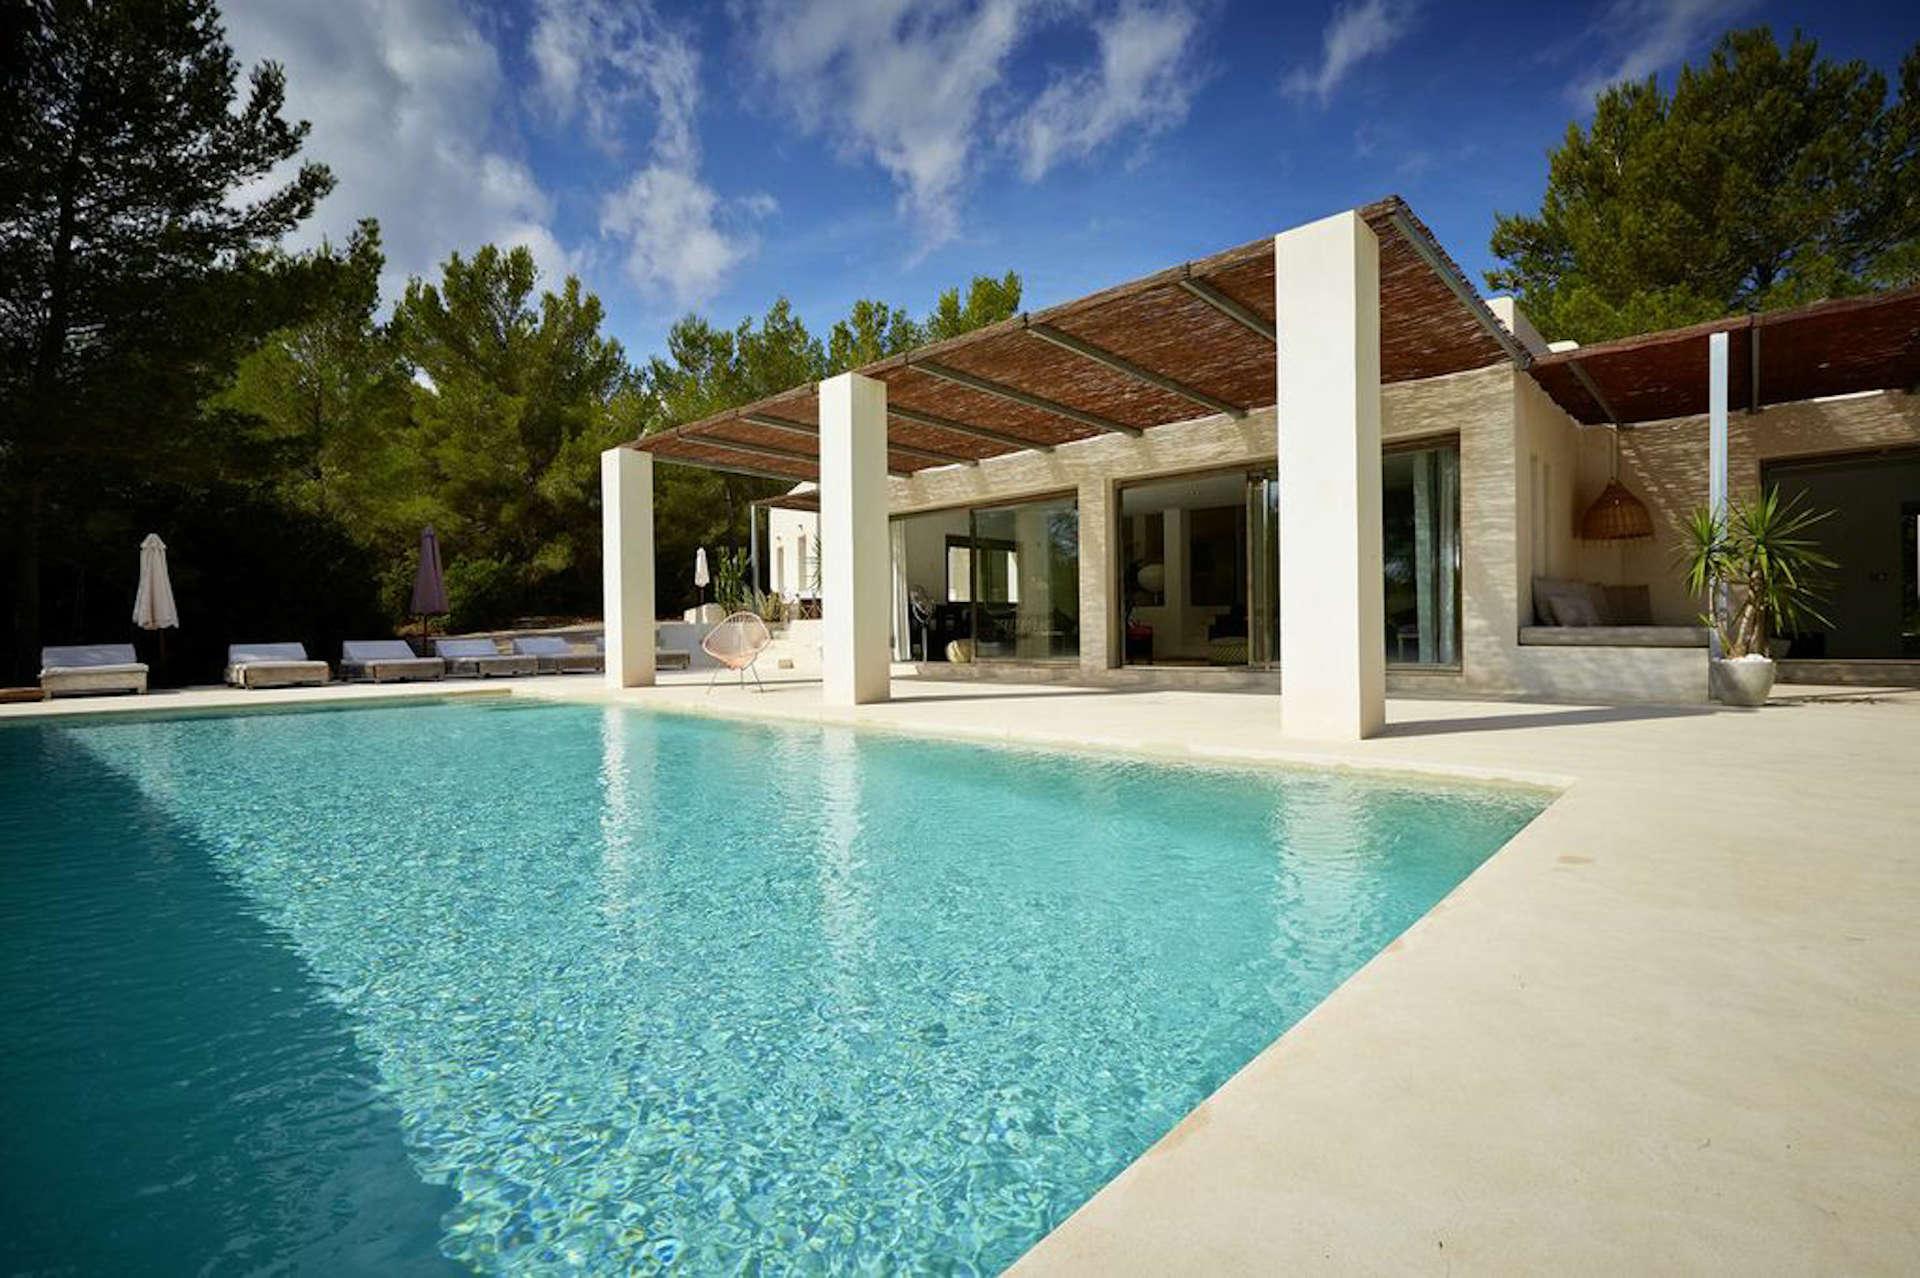 - Villa Xarcu - Image 1/27